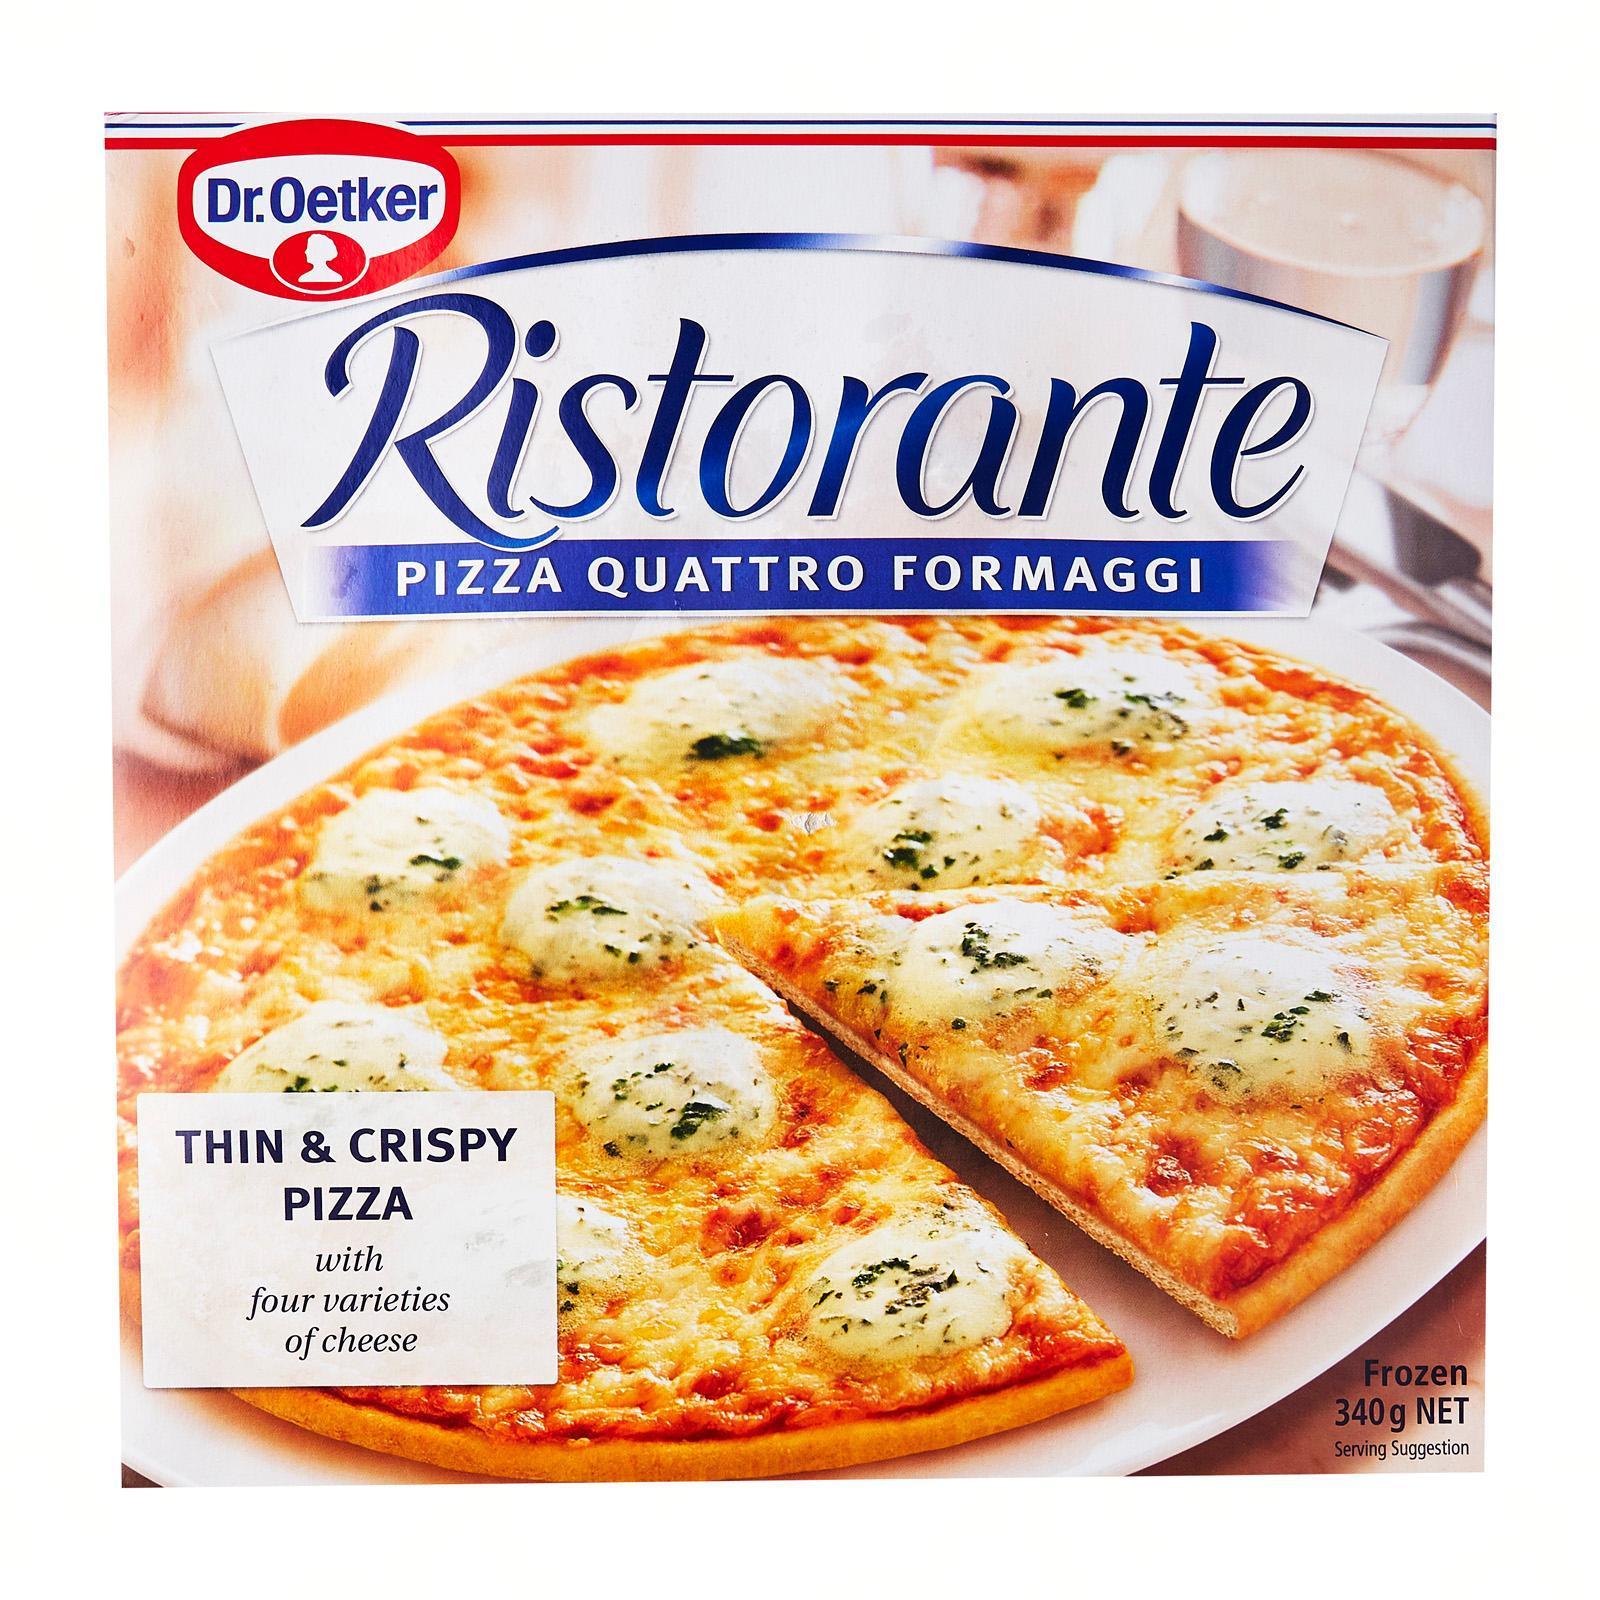 Dr Oetker Ristorante Formaggi Pizza - Frozen